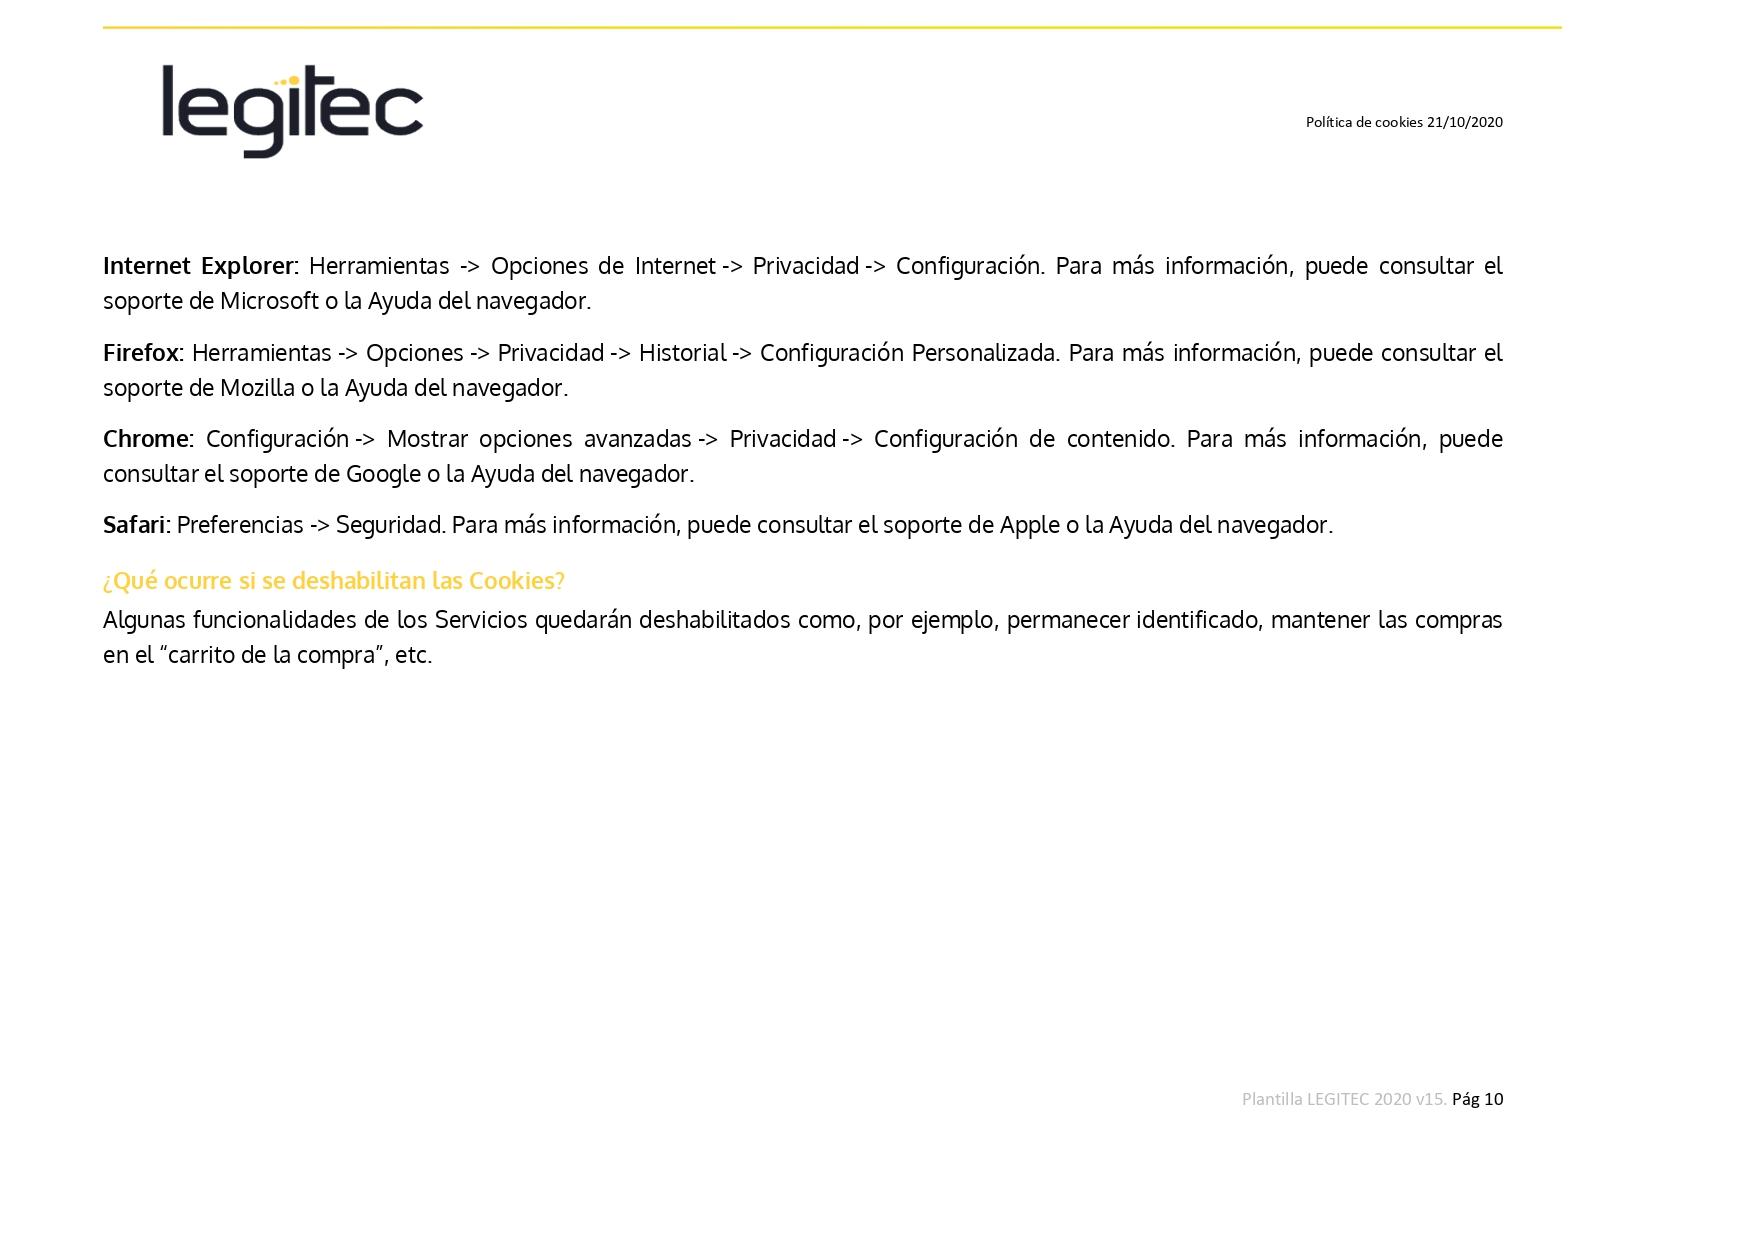 WEB-POLÍTICA-DE-COOKIES-_page-0010